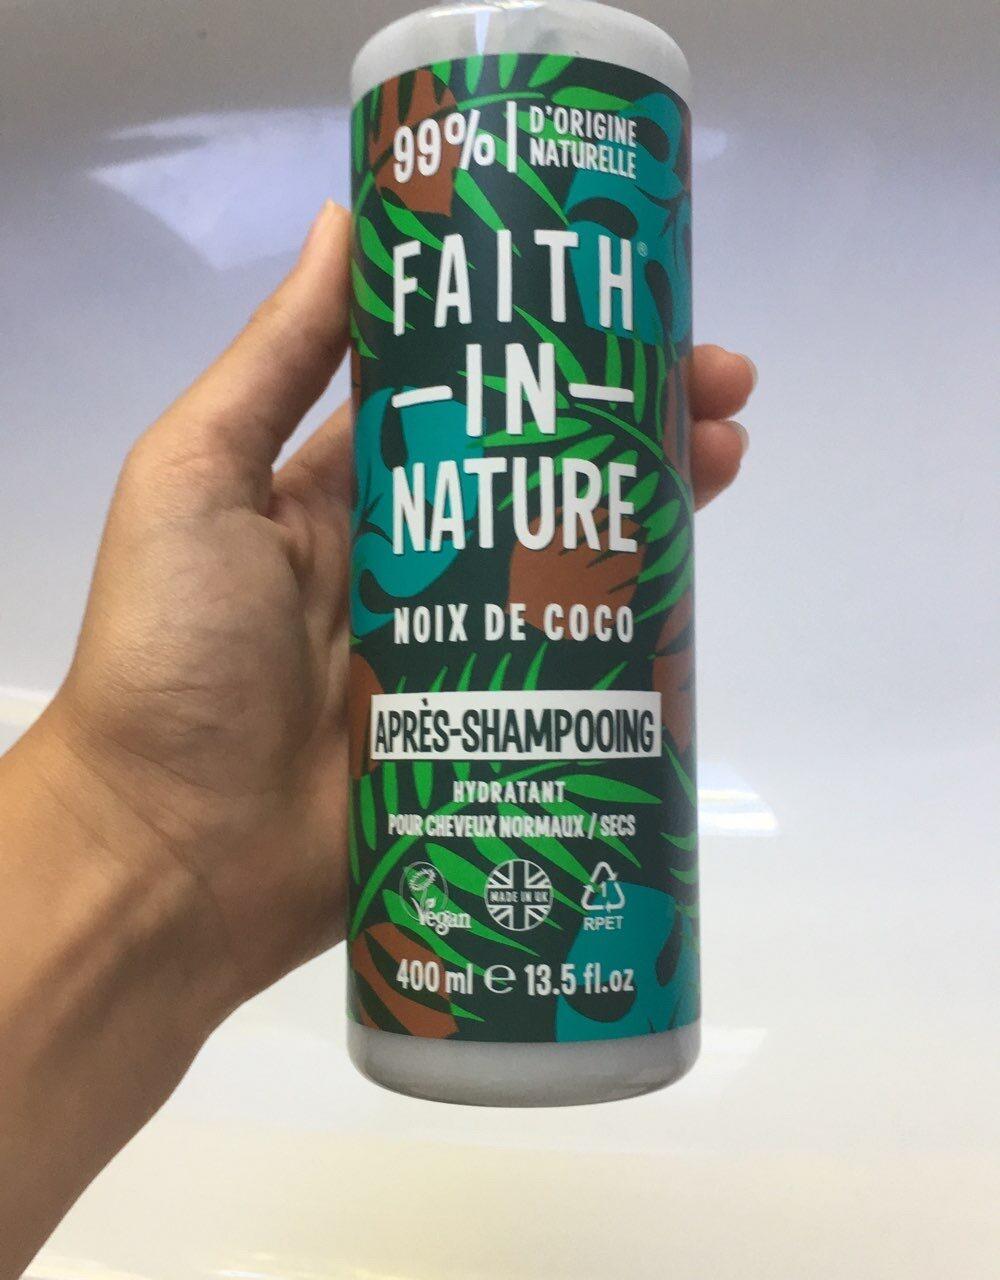 Après shampooing noix de coco - Product - en